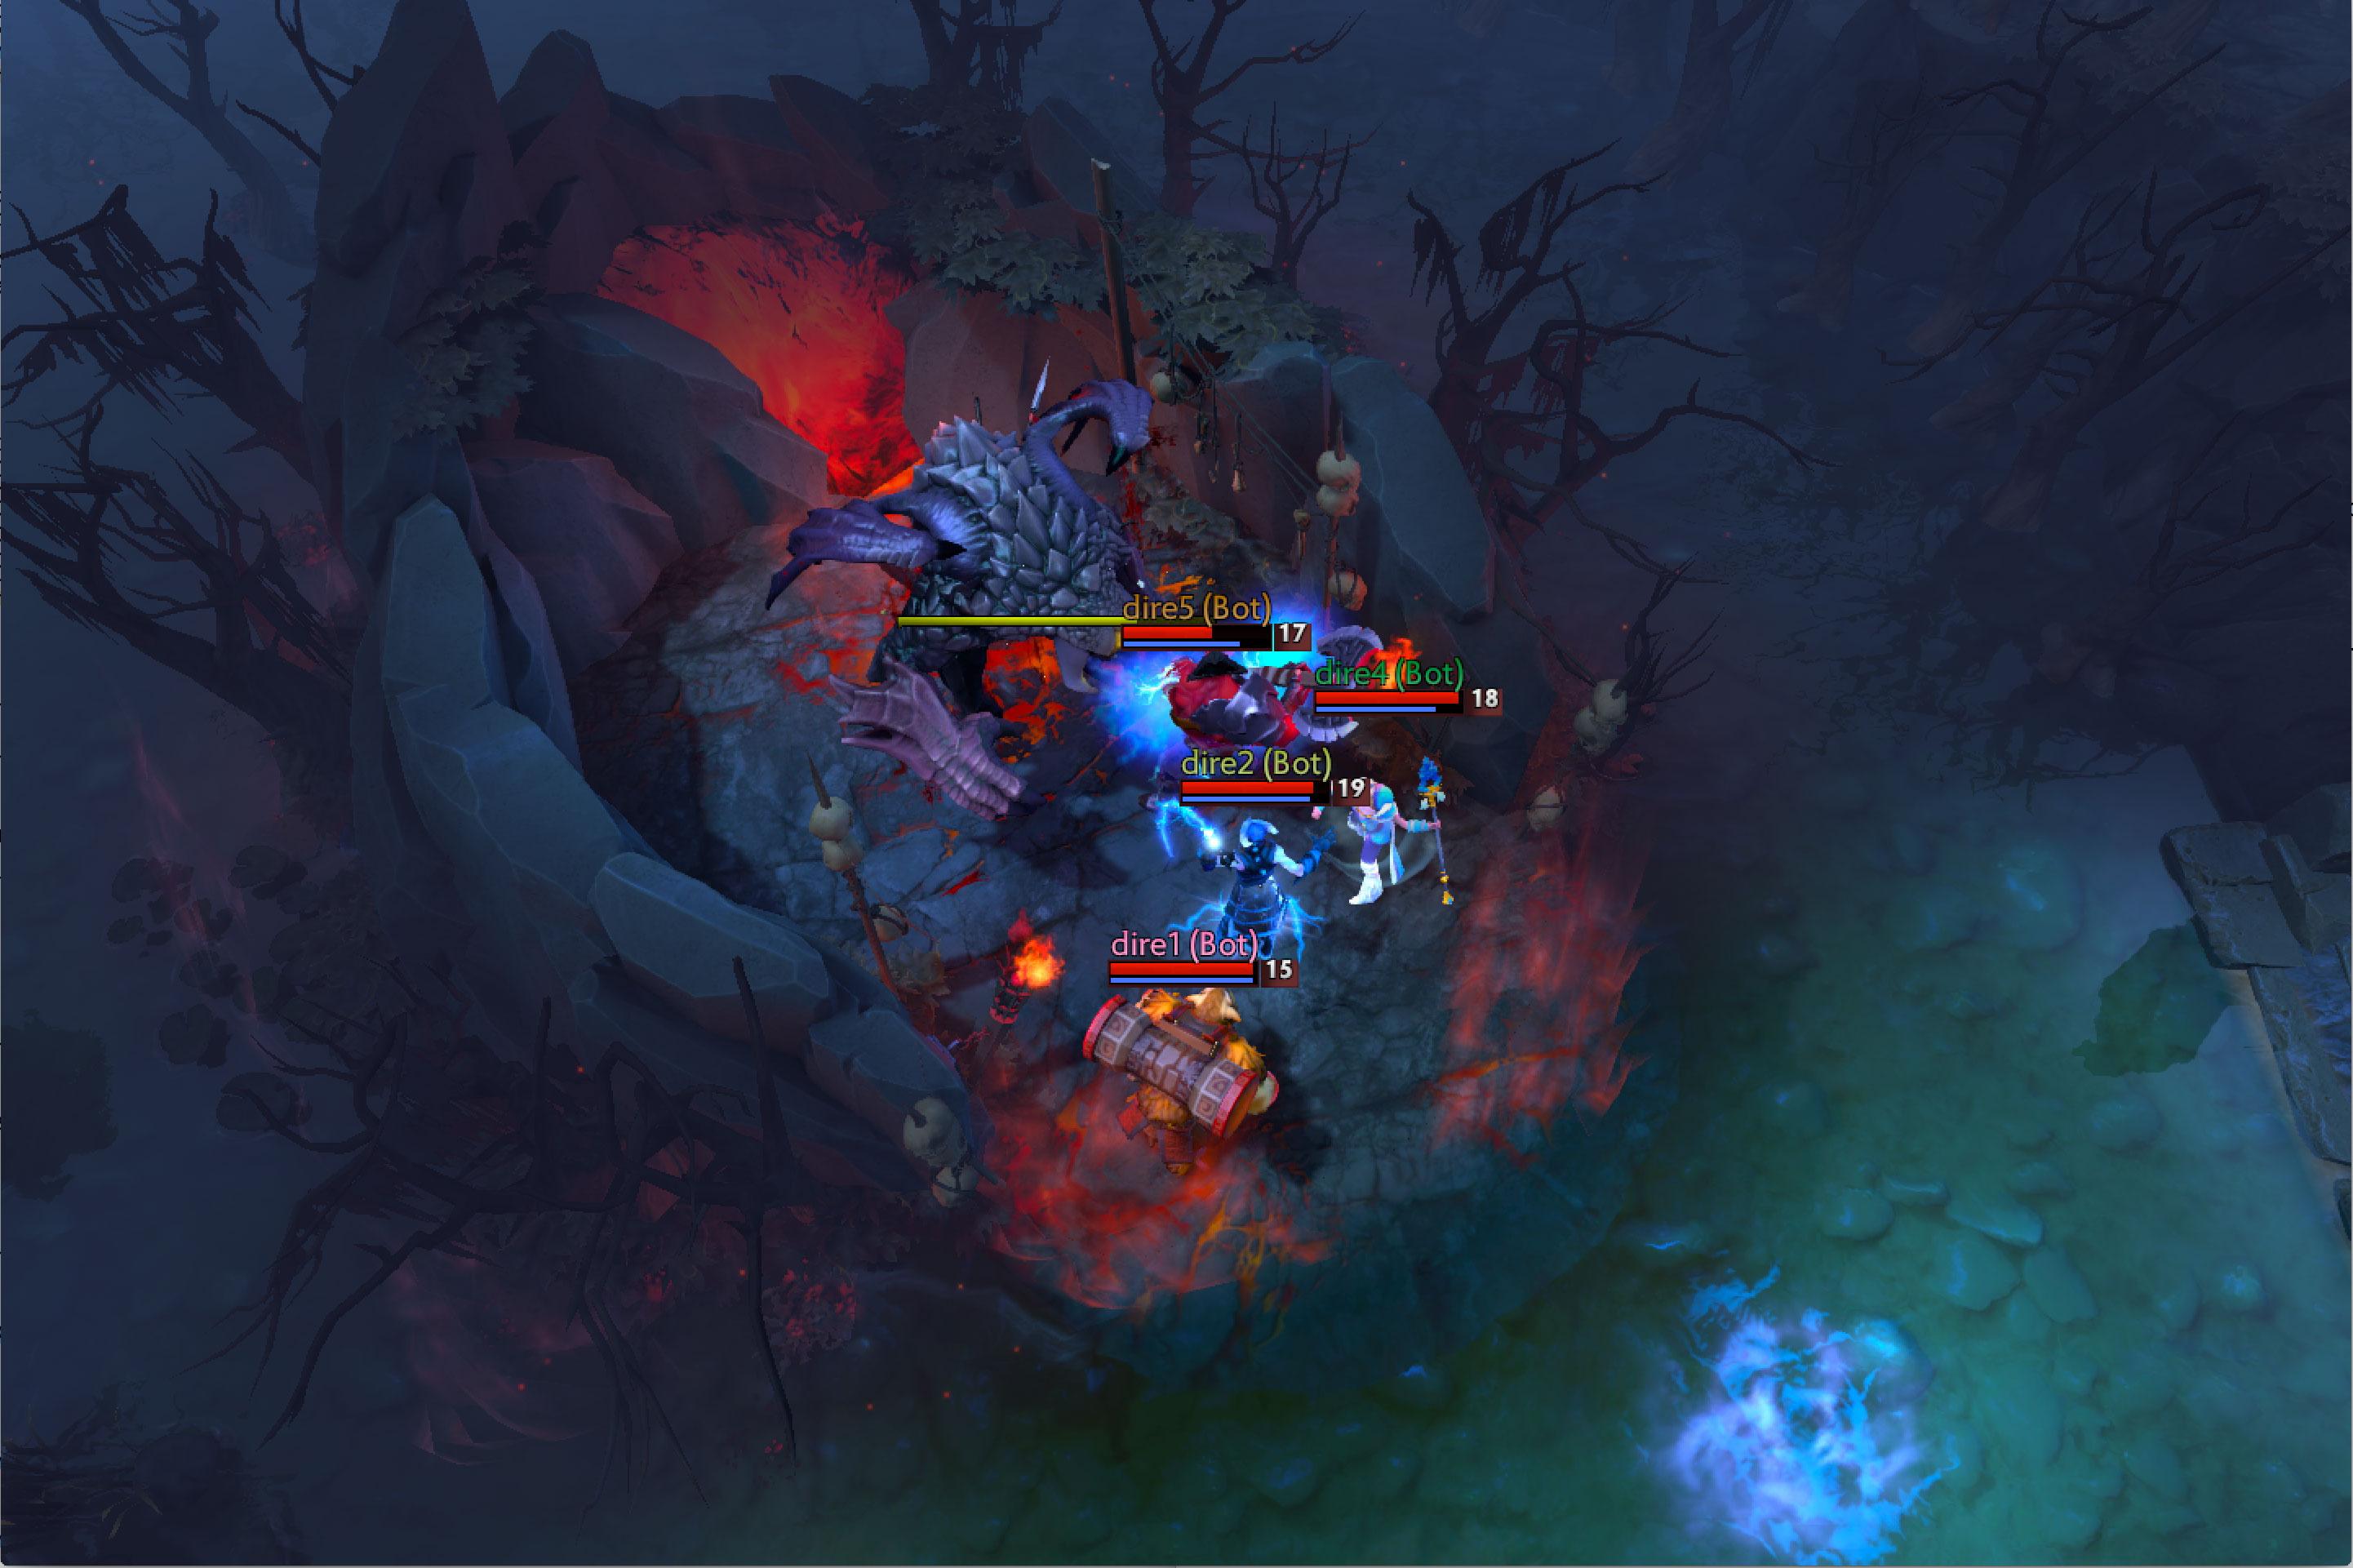 Cinco algoritmos trabajan juntos para burlar a cinco humanos en el videojuego Dota 2 basado en el campo de batalla.